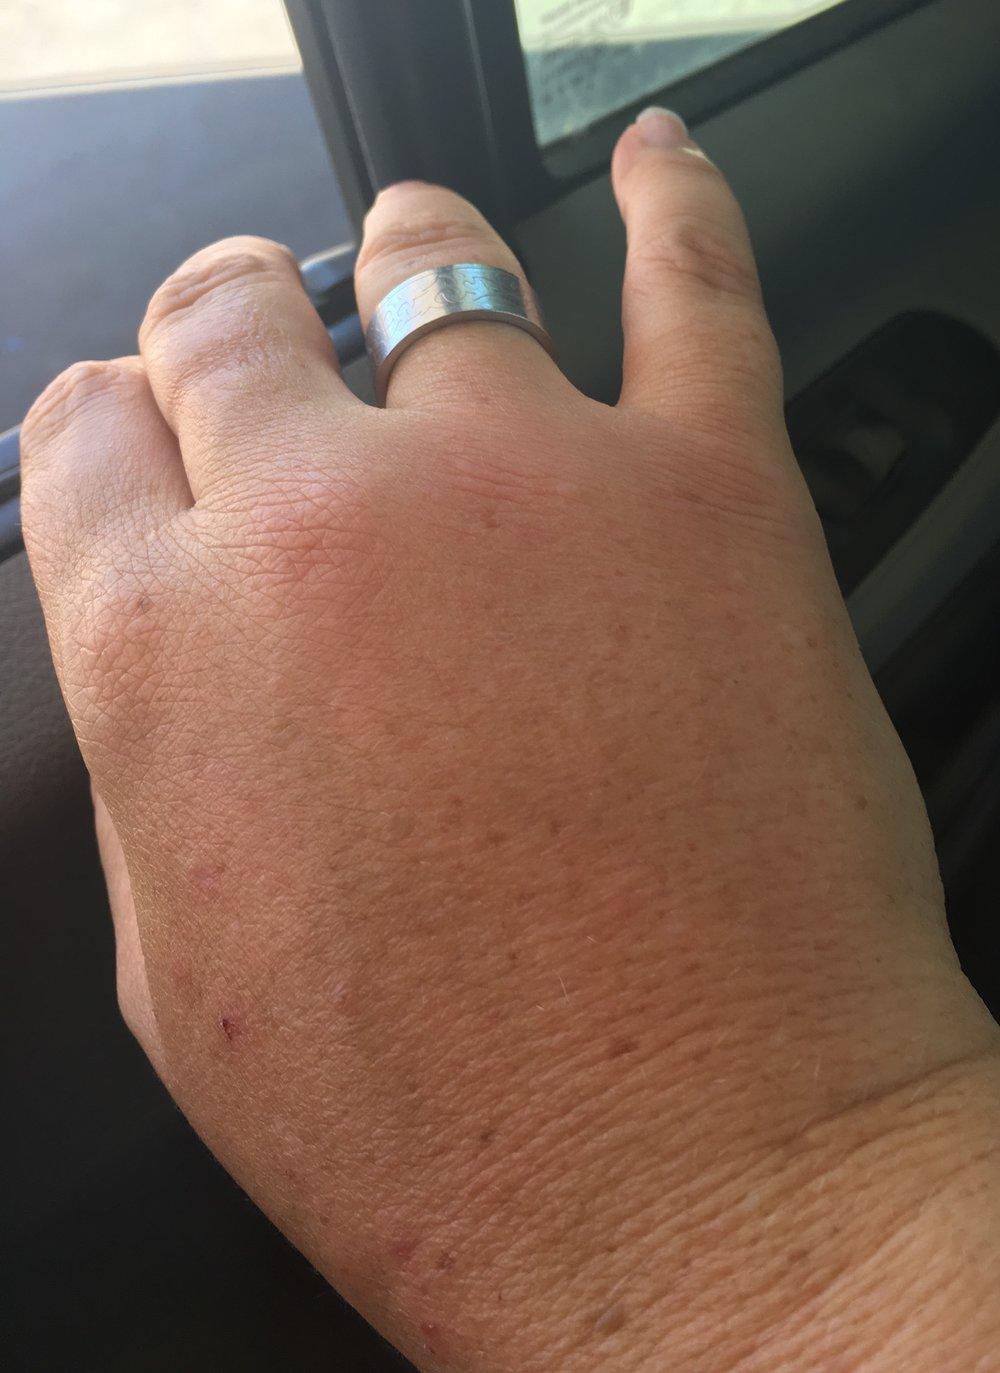 Fat hand!